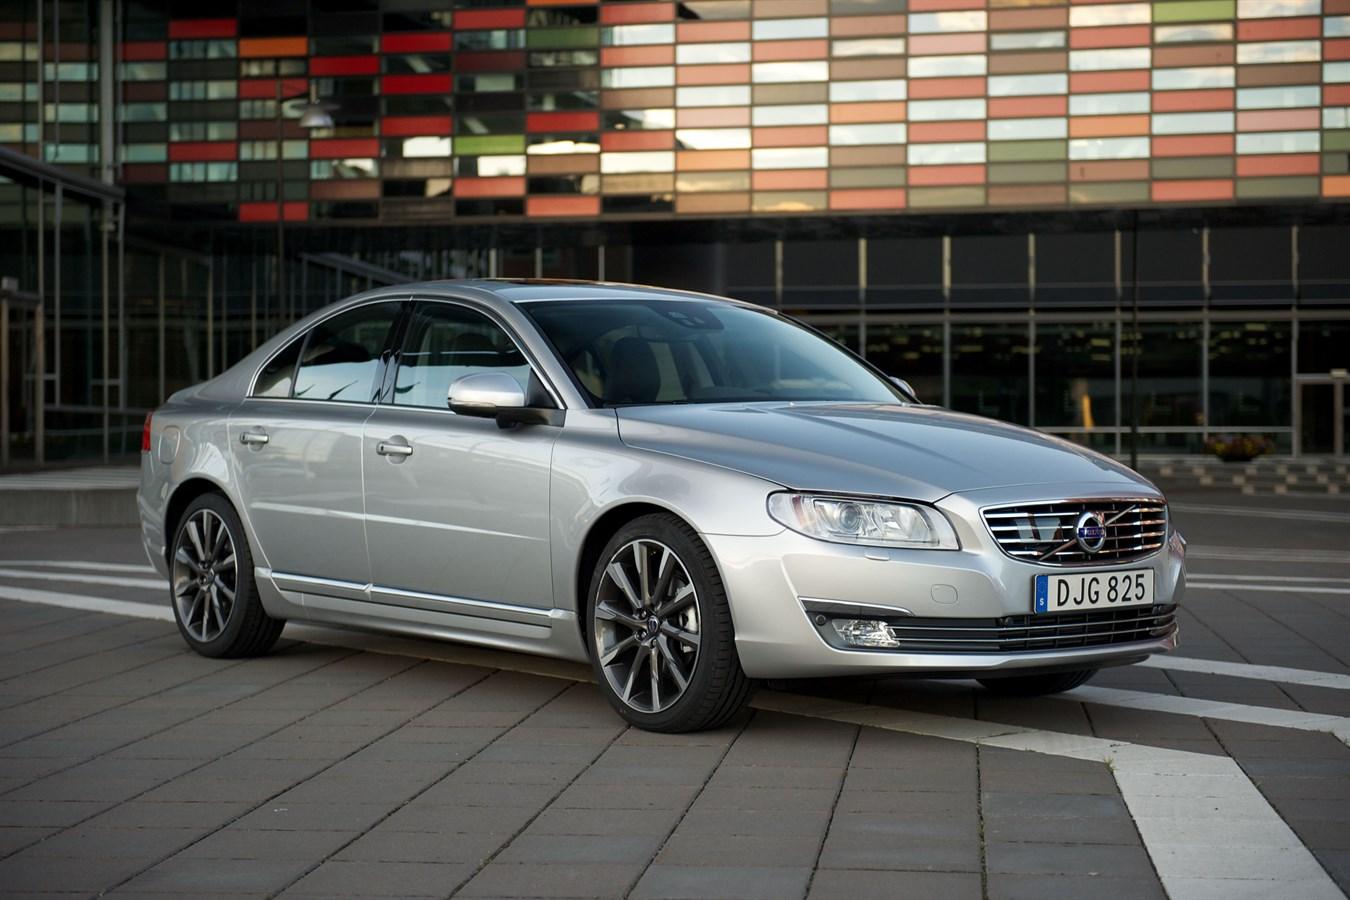 Custom Volvo S60 >> Volvo S80 - model year 2016 - Site Média Volvo Cars Belux